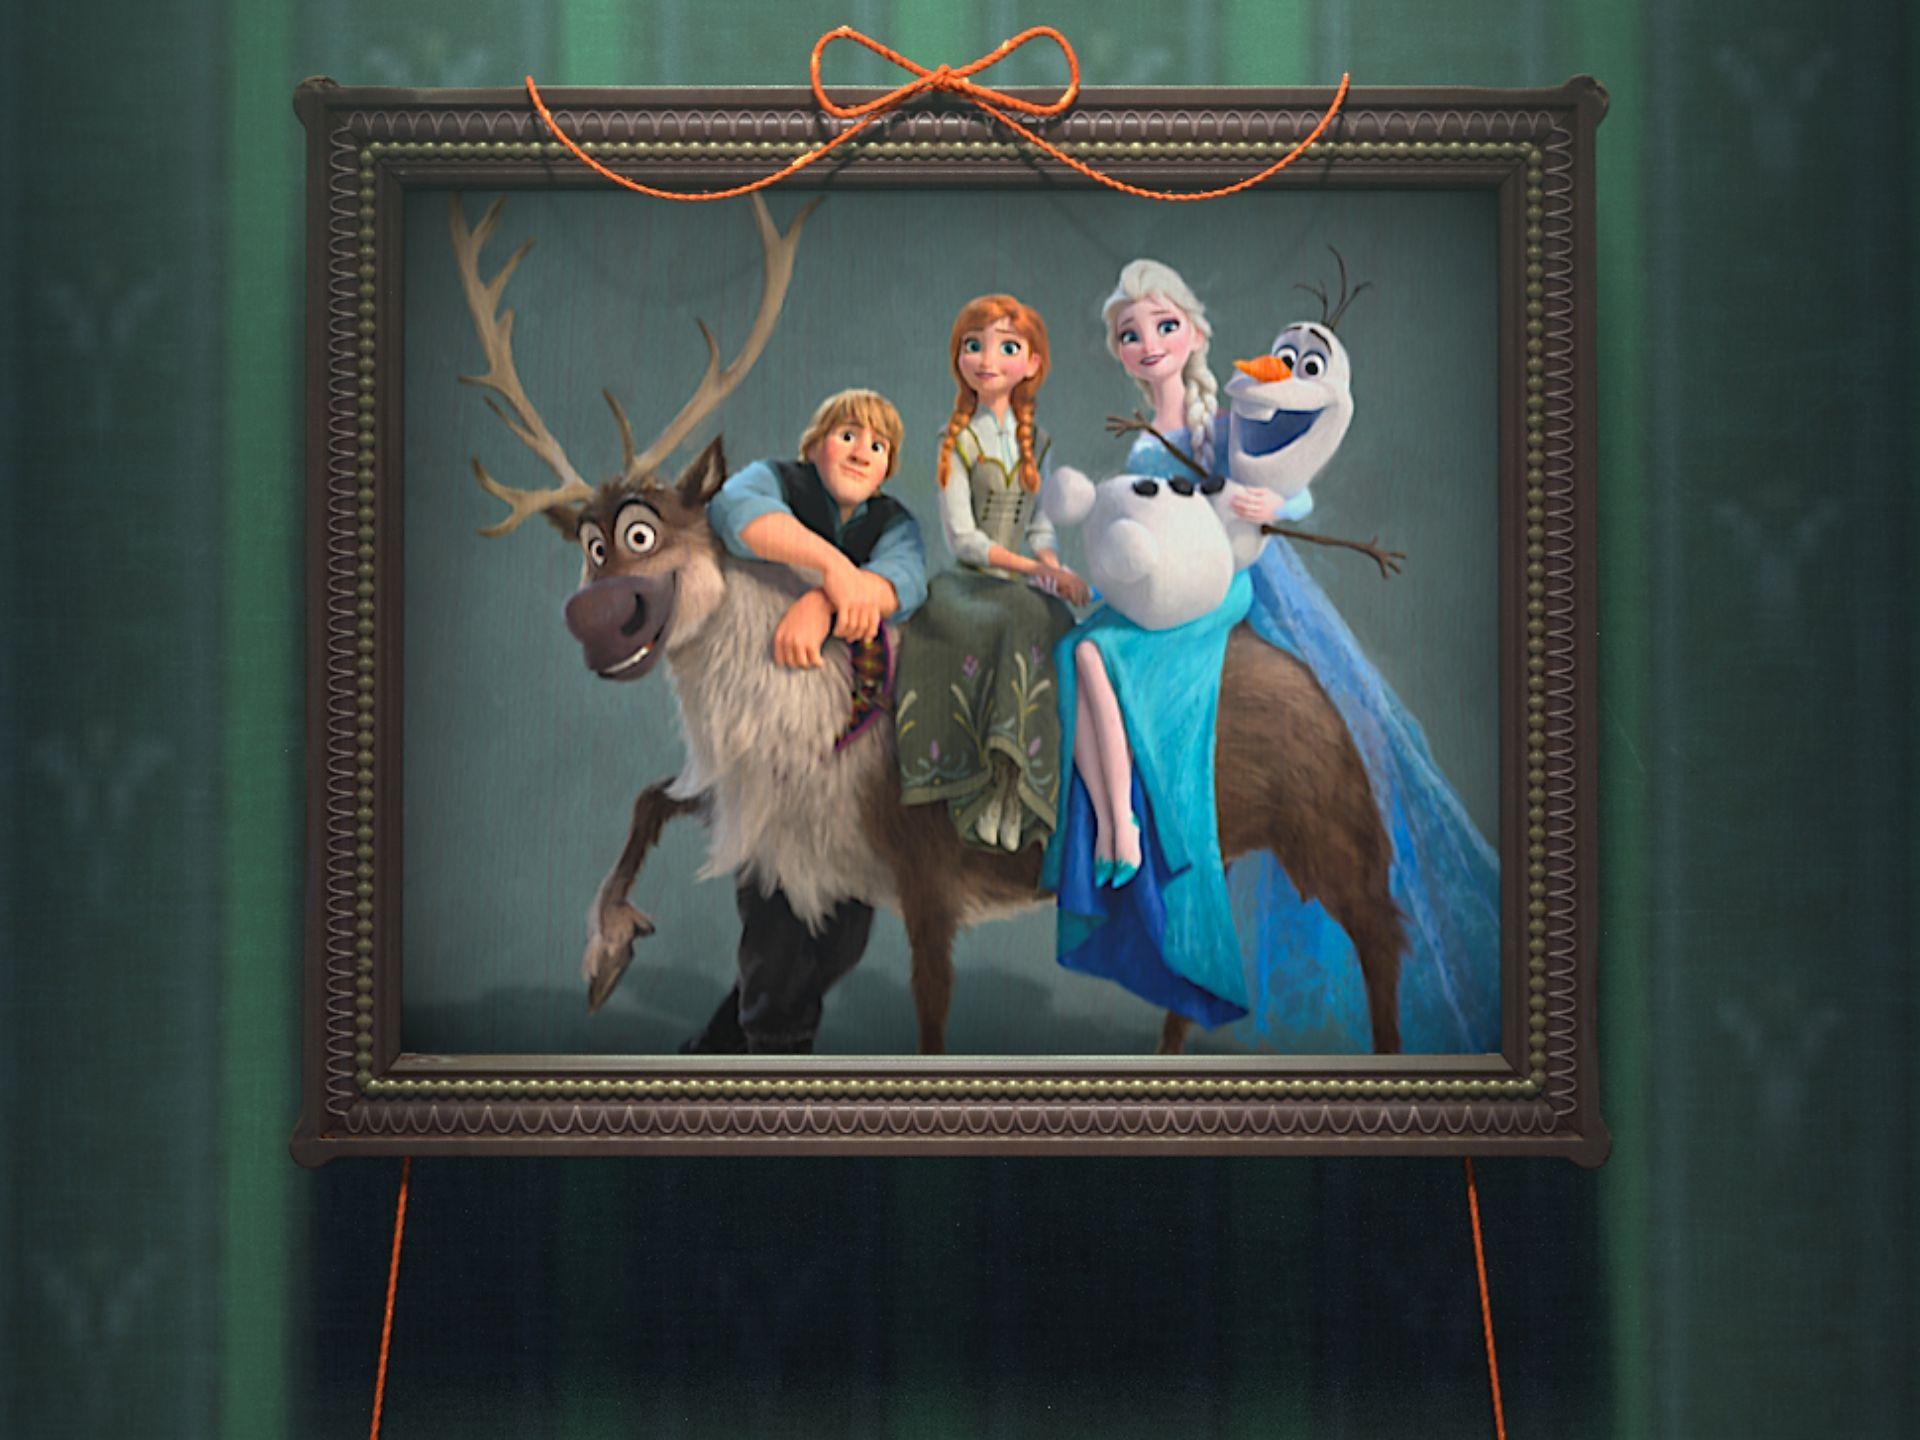 写真のアナと雪の女王・主要メンバー